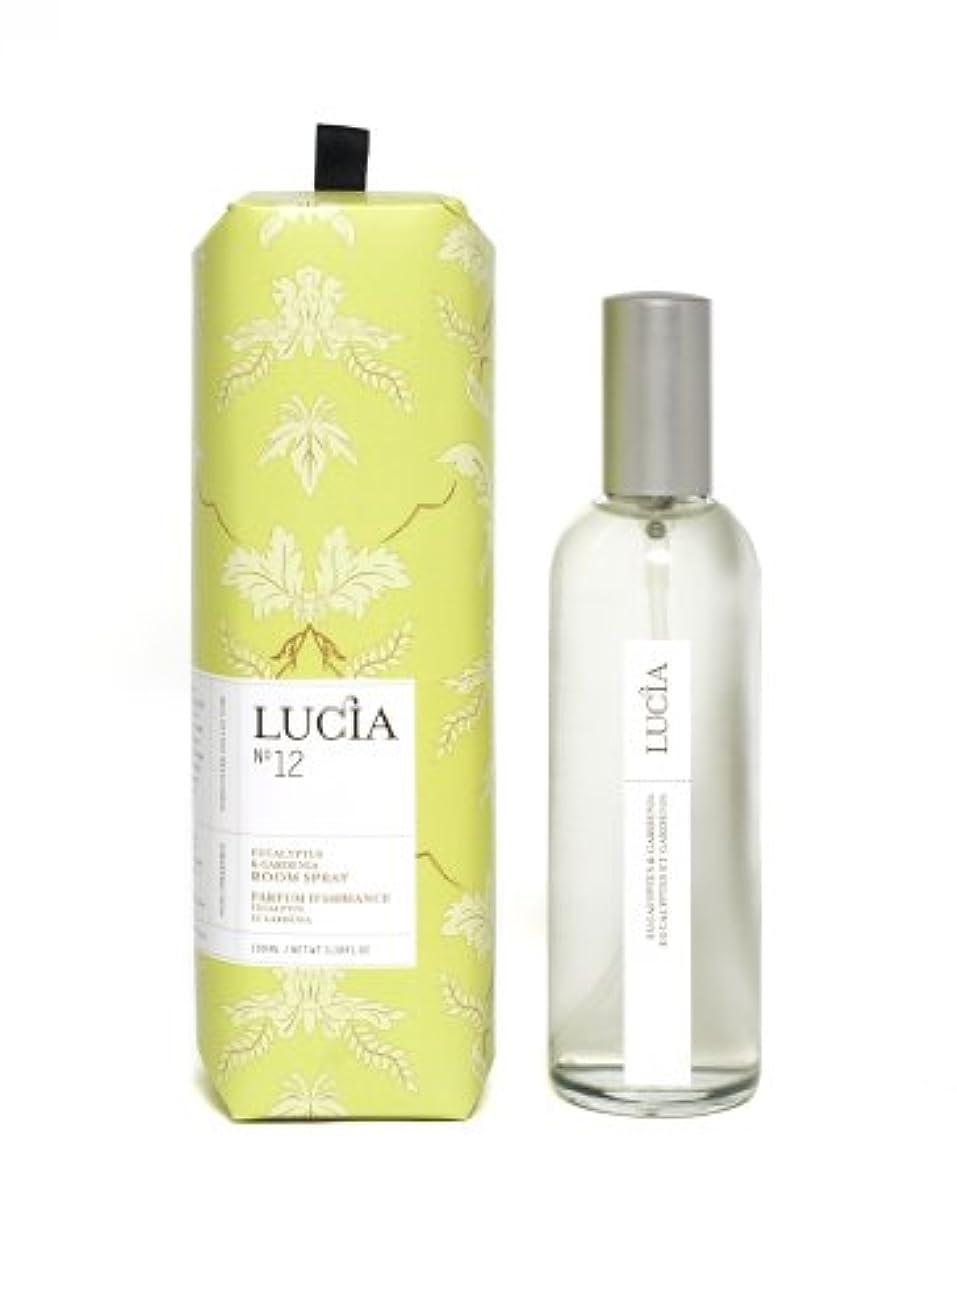 流心理的海外LUCIA Collection ルームスプレー No.12 ユーカリプタス&ガーデニア Eucalyptus&Gardenia Room Spray ルシア コレクション ピュアリビング Pureliving